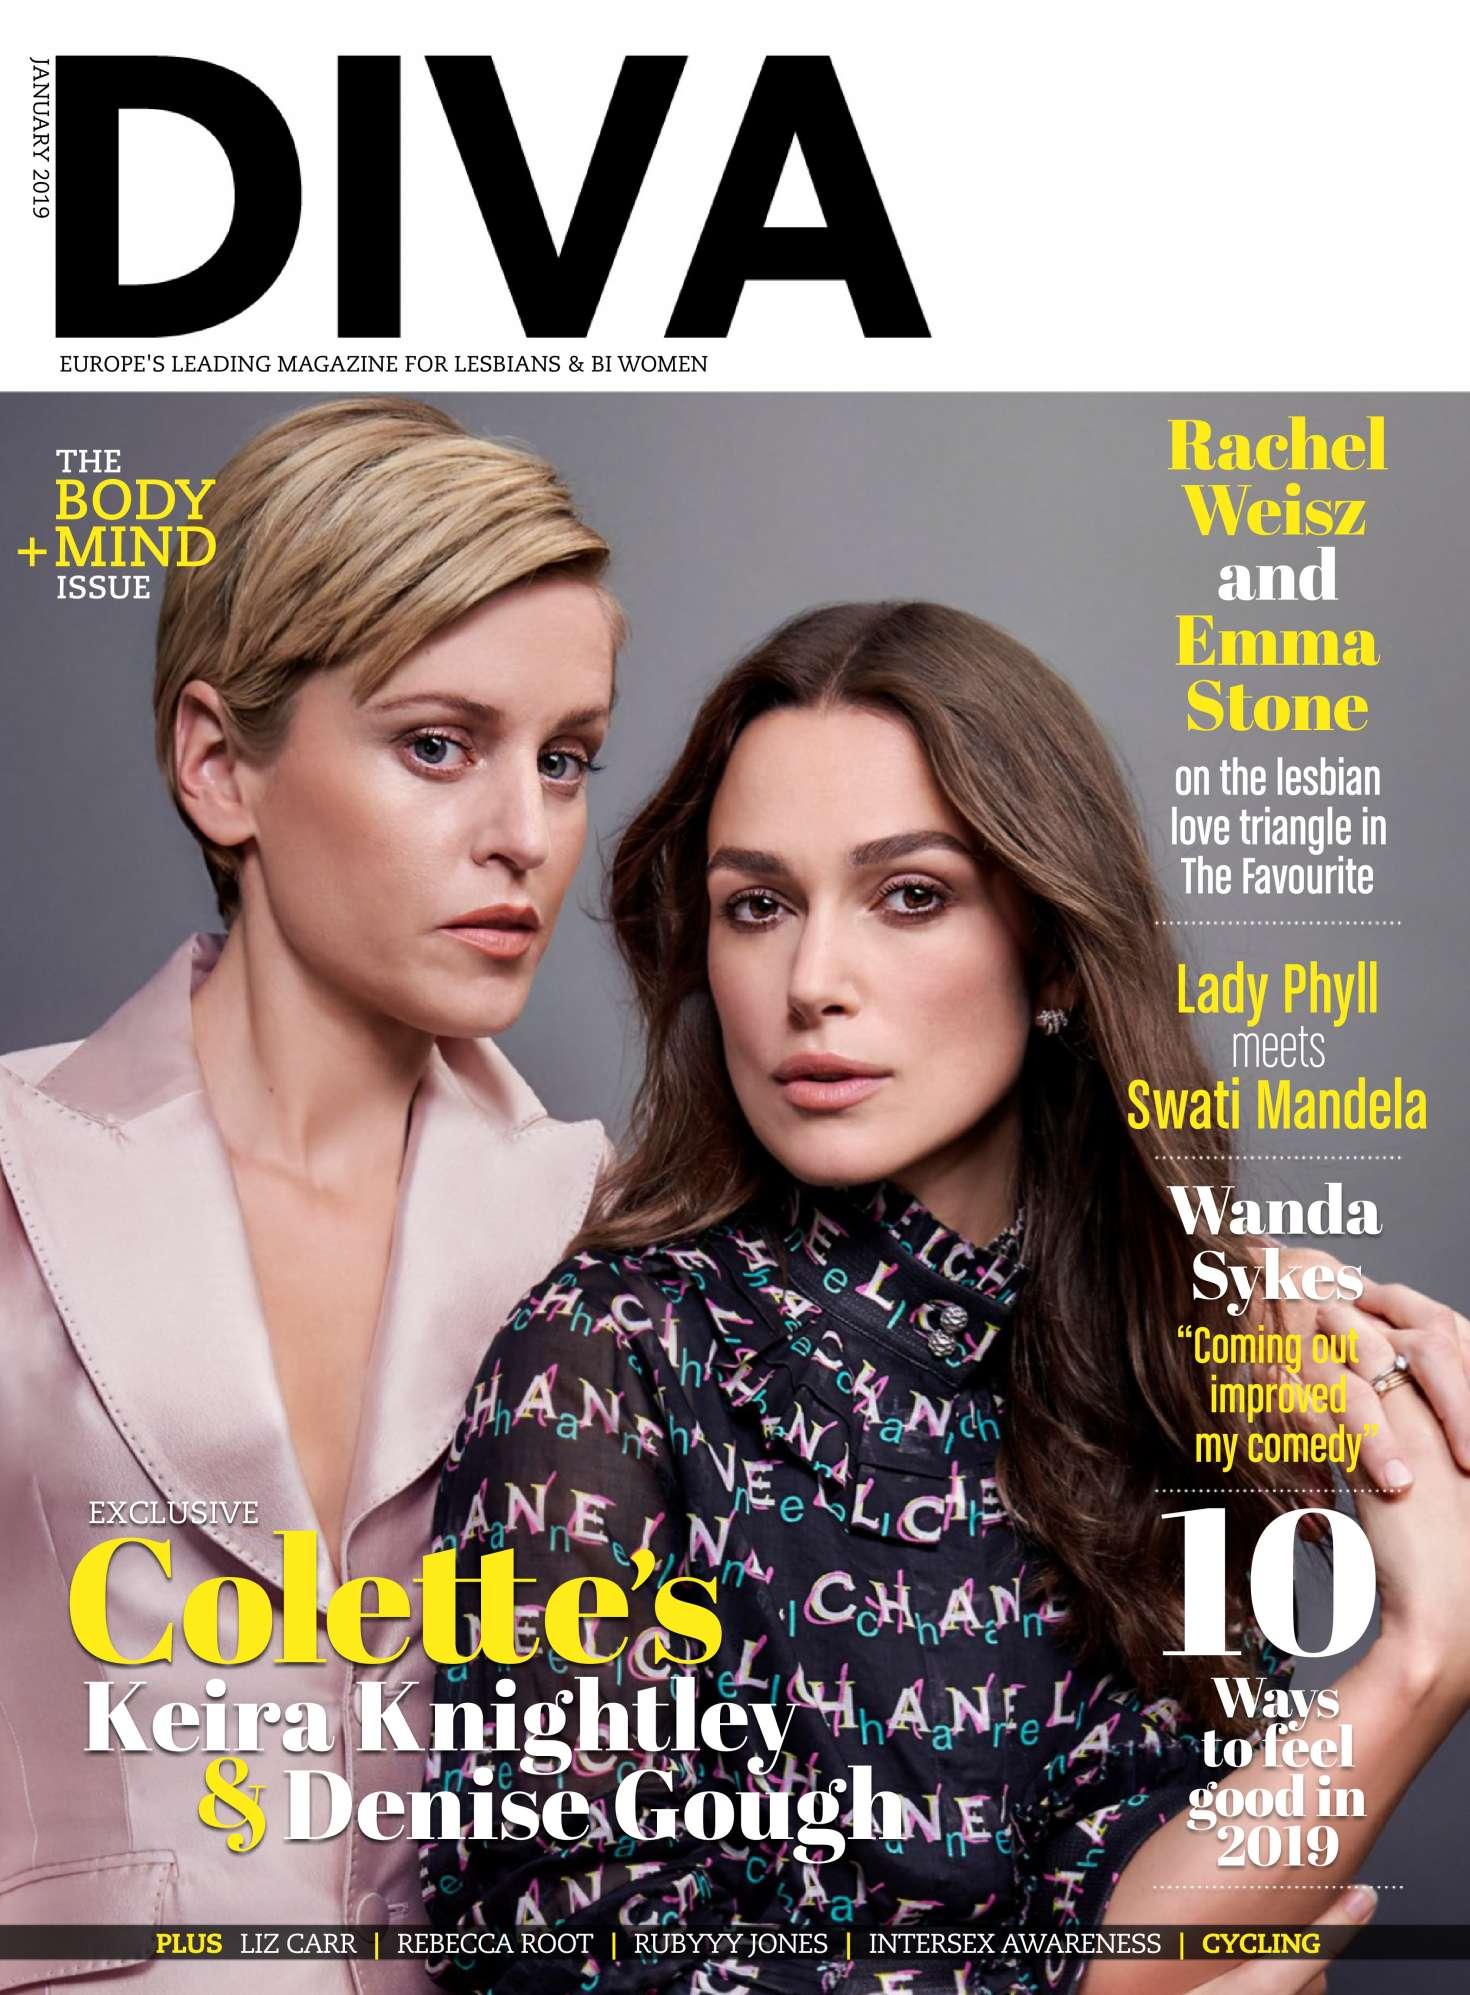 Keira Knightley and Denise Gough - Diva UK Magazine (January 2019)